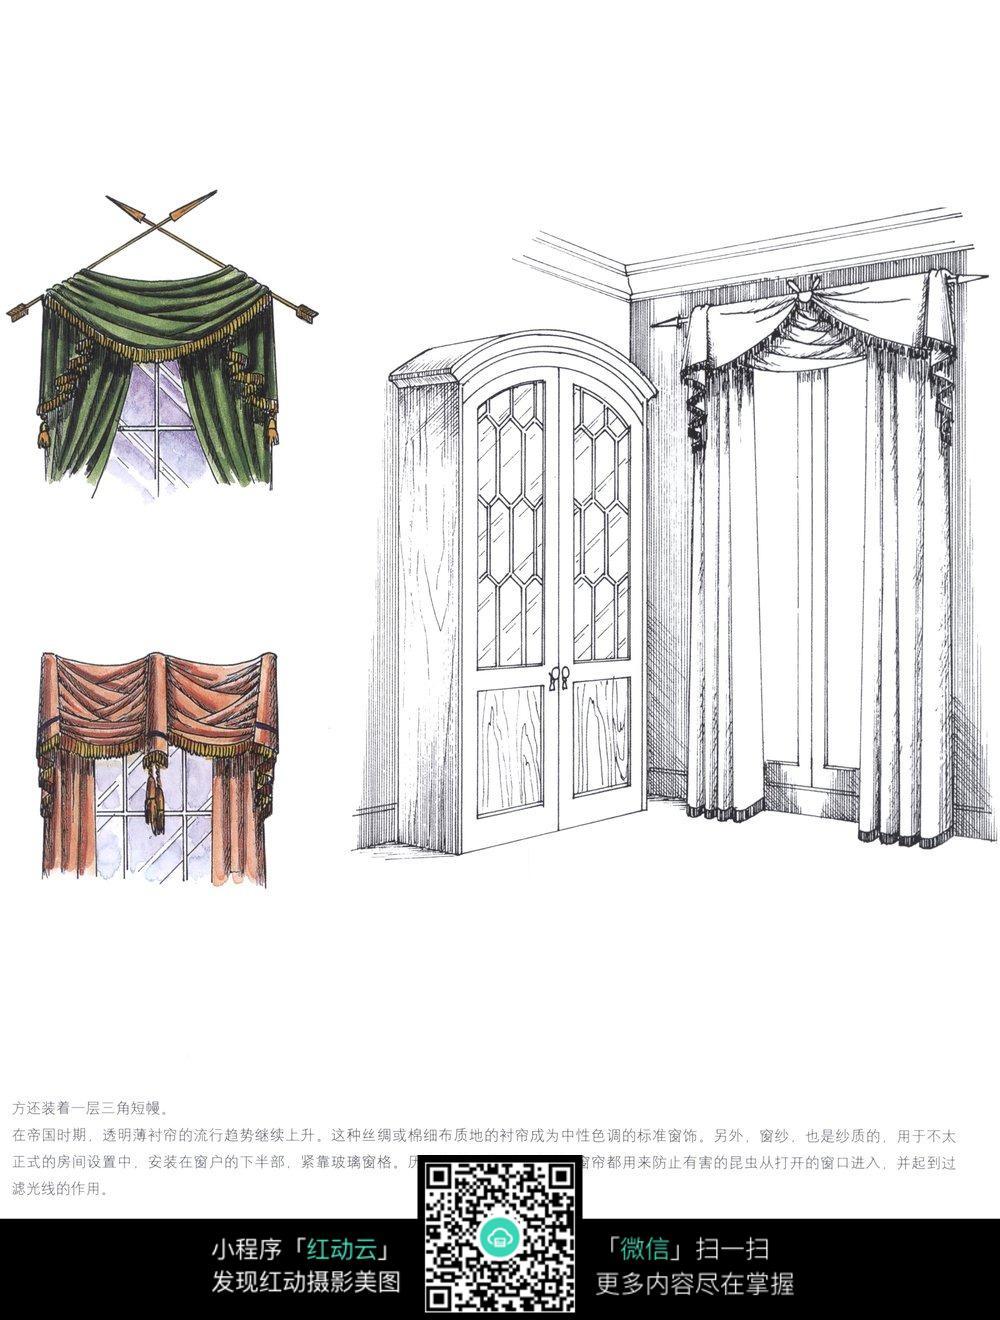 薄衬帘窗帘设计手绘_家具电器图片